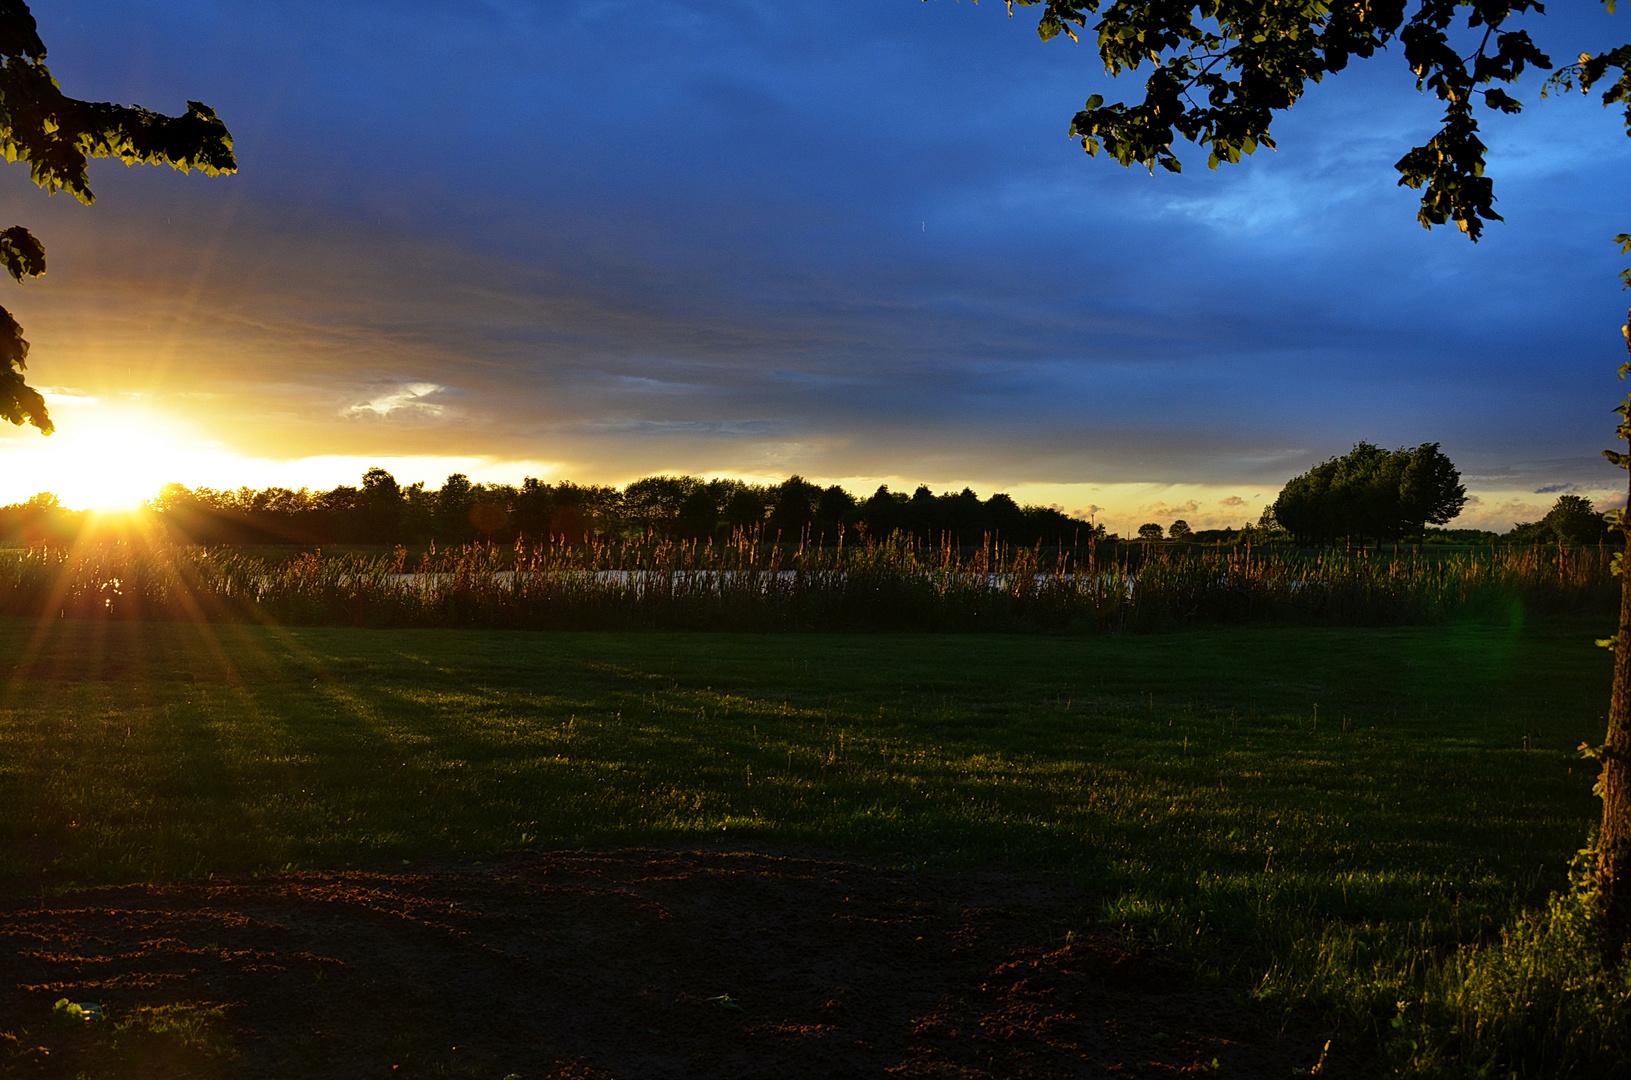 Ein Sonnenuntergang in Bornheim bei Bonn aus Sicht einer Golfanlage ............